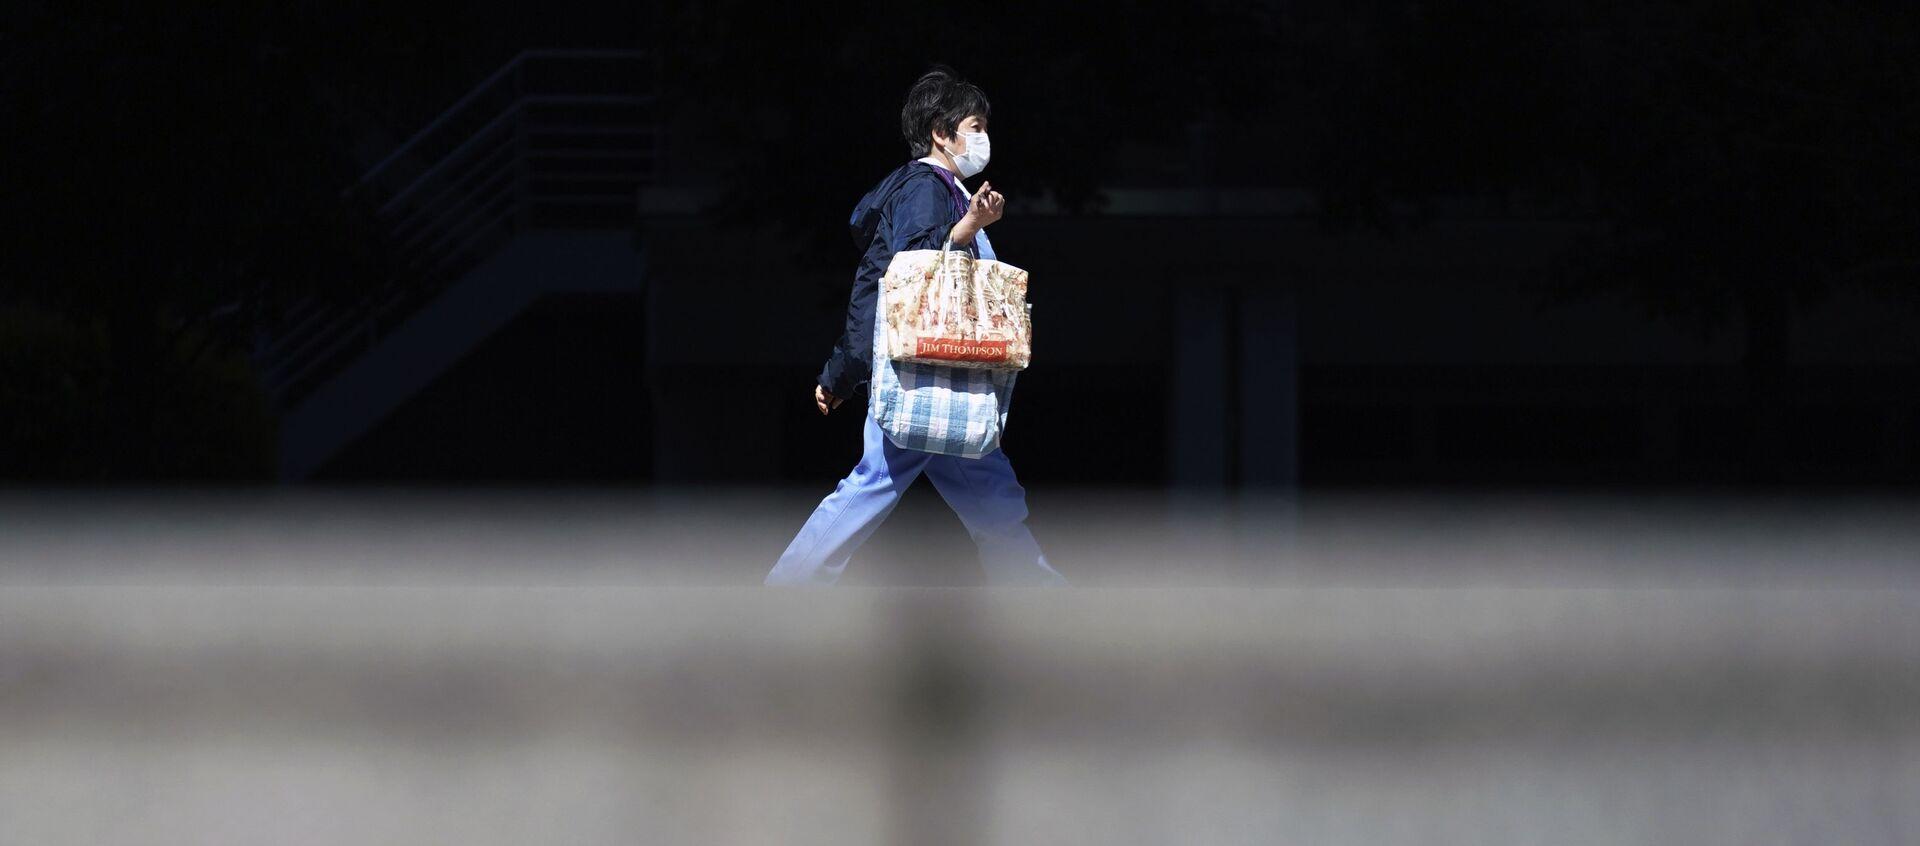 Женщина в защитной маске идет по улице в Токио, Япония - Sputnik 日本, 1920, 01.01.2021